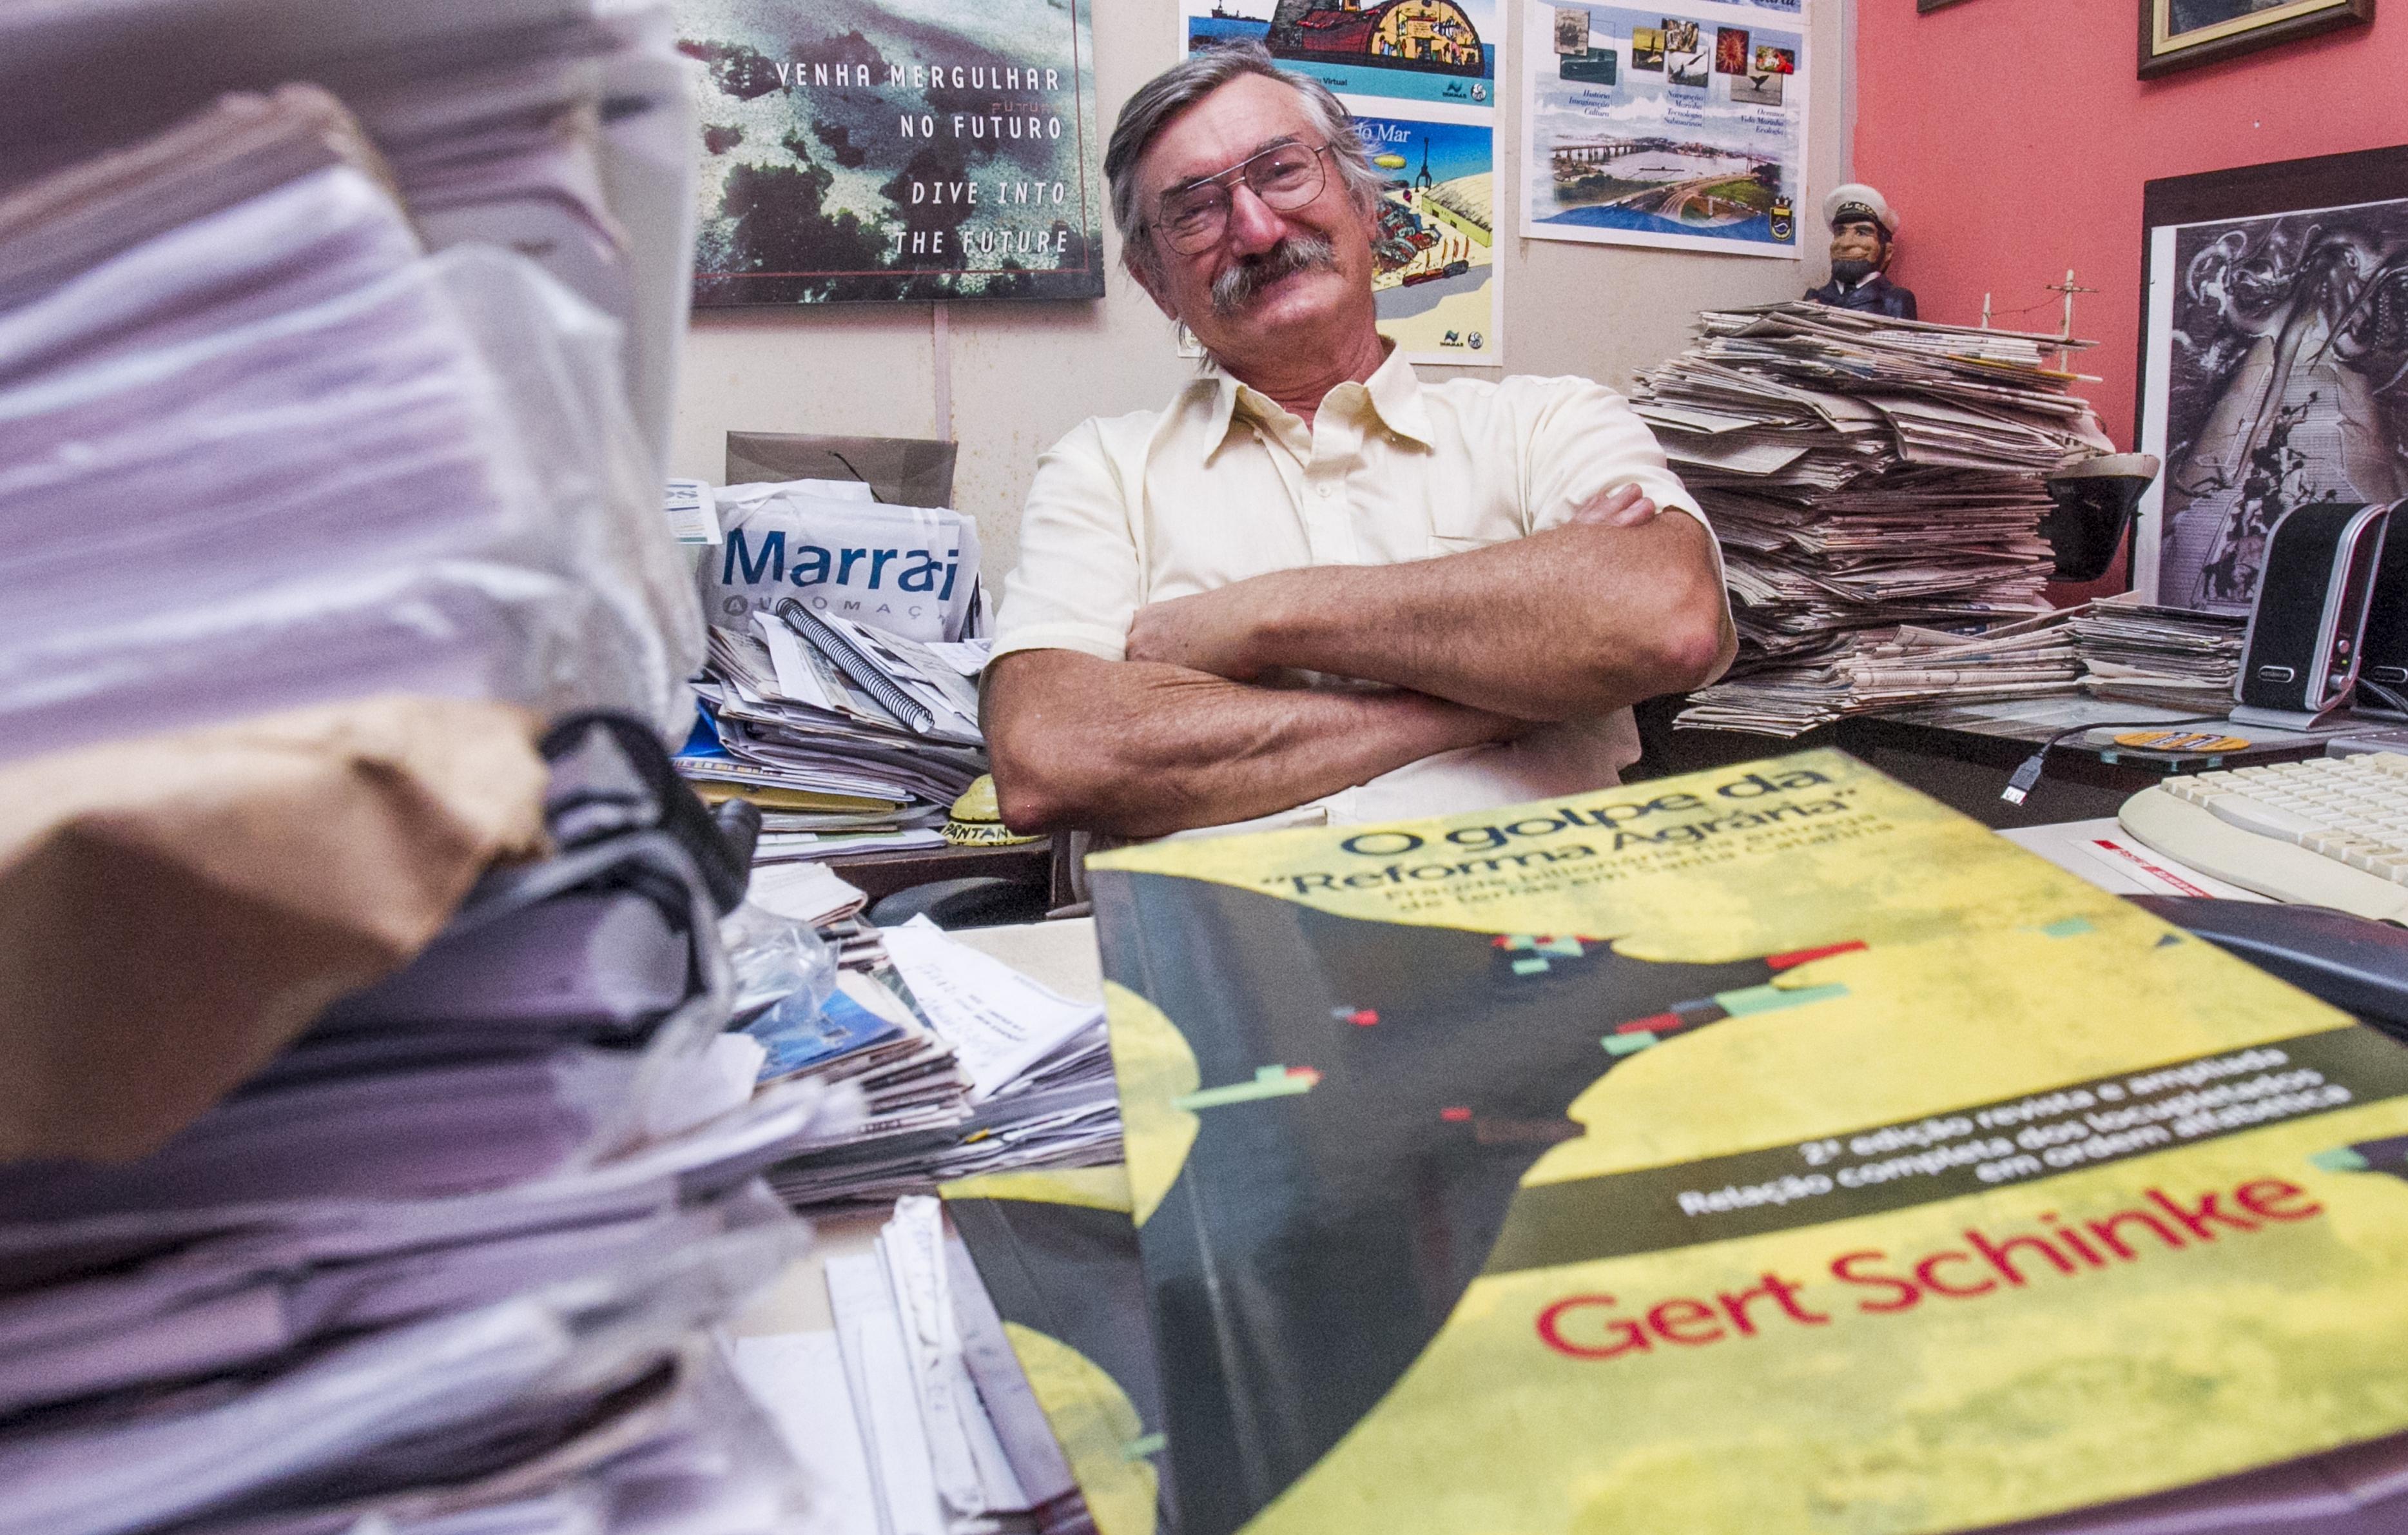 O caso veio à tona após estudo de cinco anos do historiador e ecologista Gert Schinke - Marco Santiago/ND